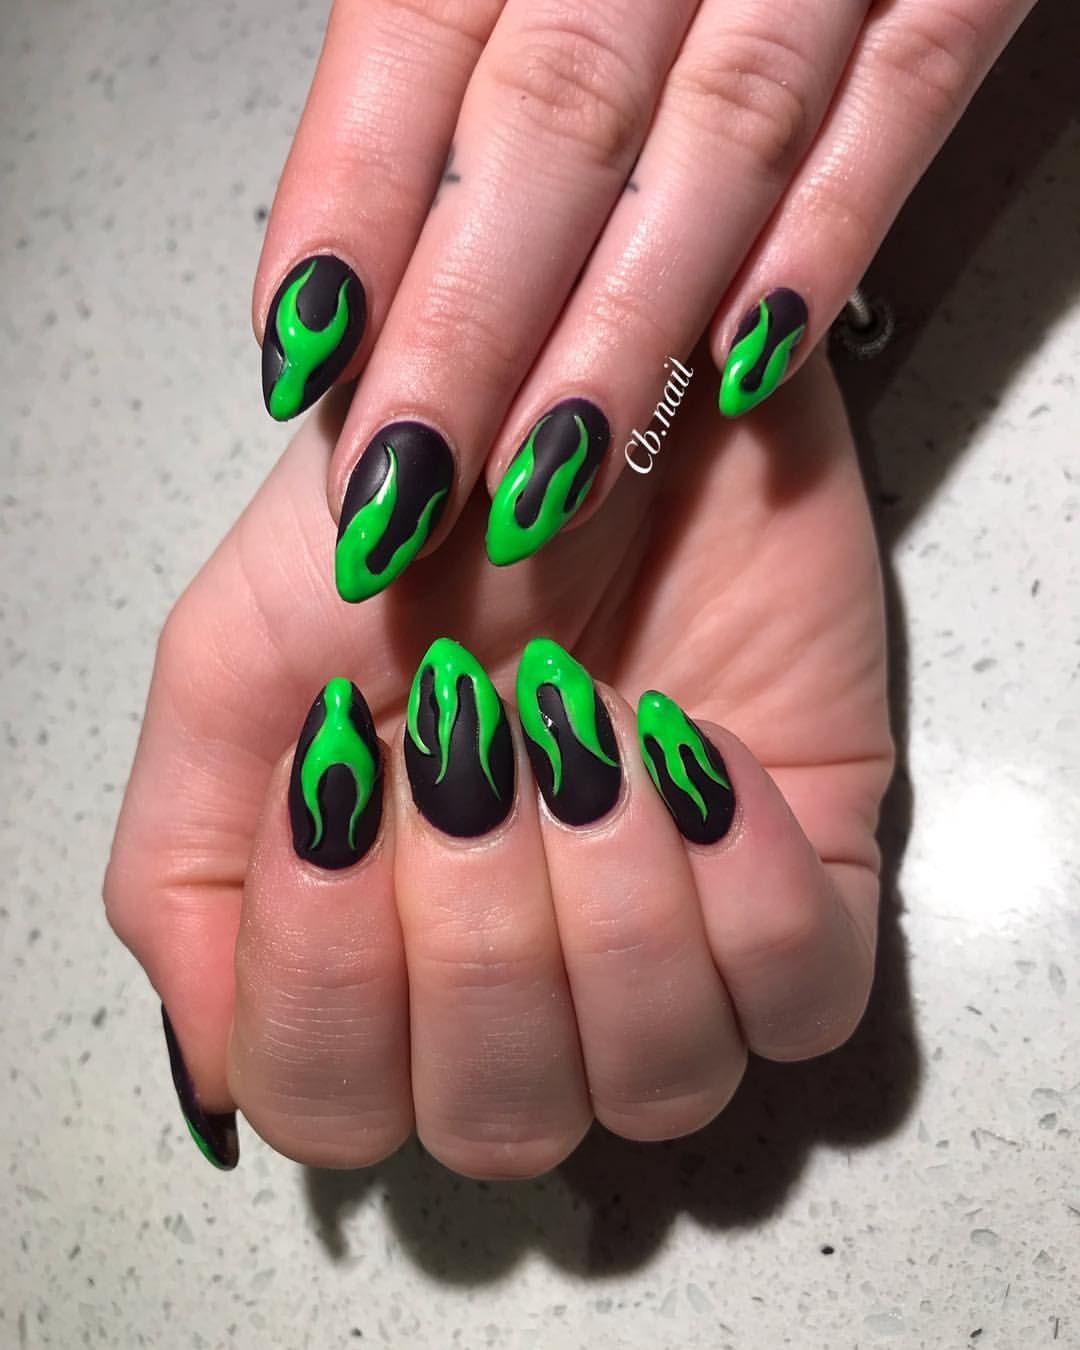 Dark Nails Purple Nails Green Nails Maleficent Nails Halloween Nails Nail Art Flame Nails Almond Purple Nails Dark Purple Nails Black And Purple Nails